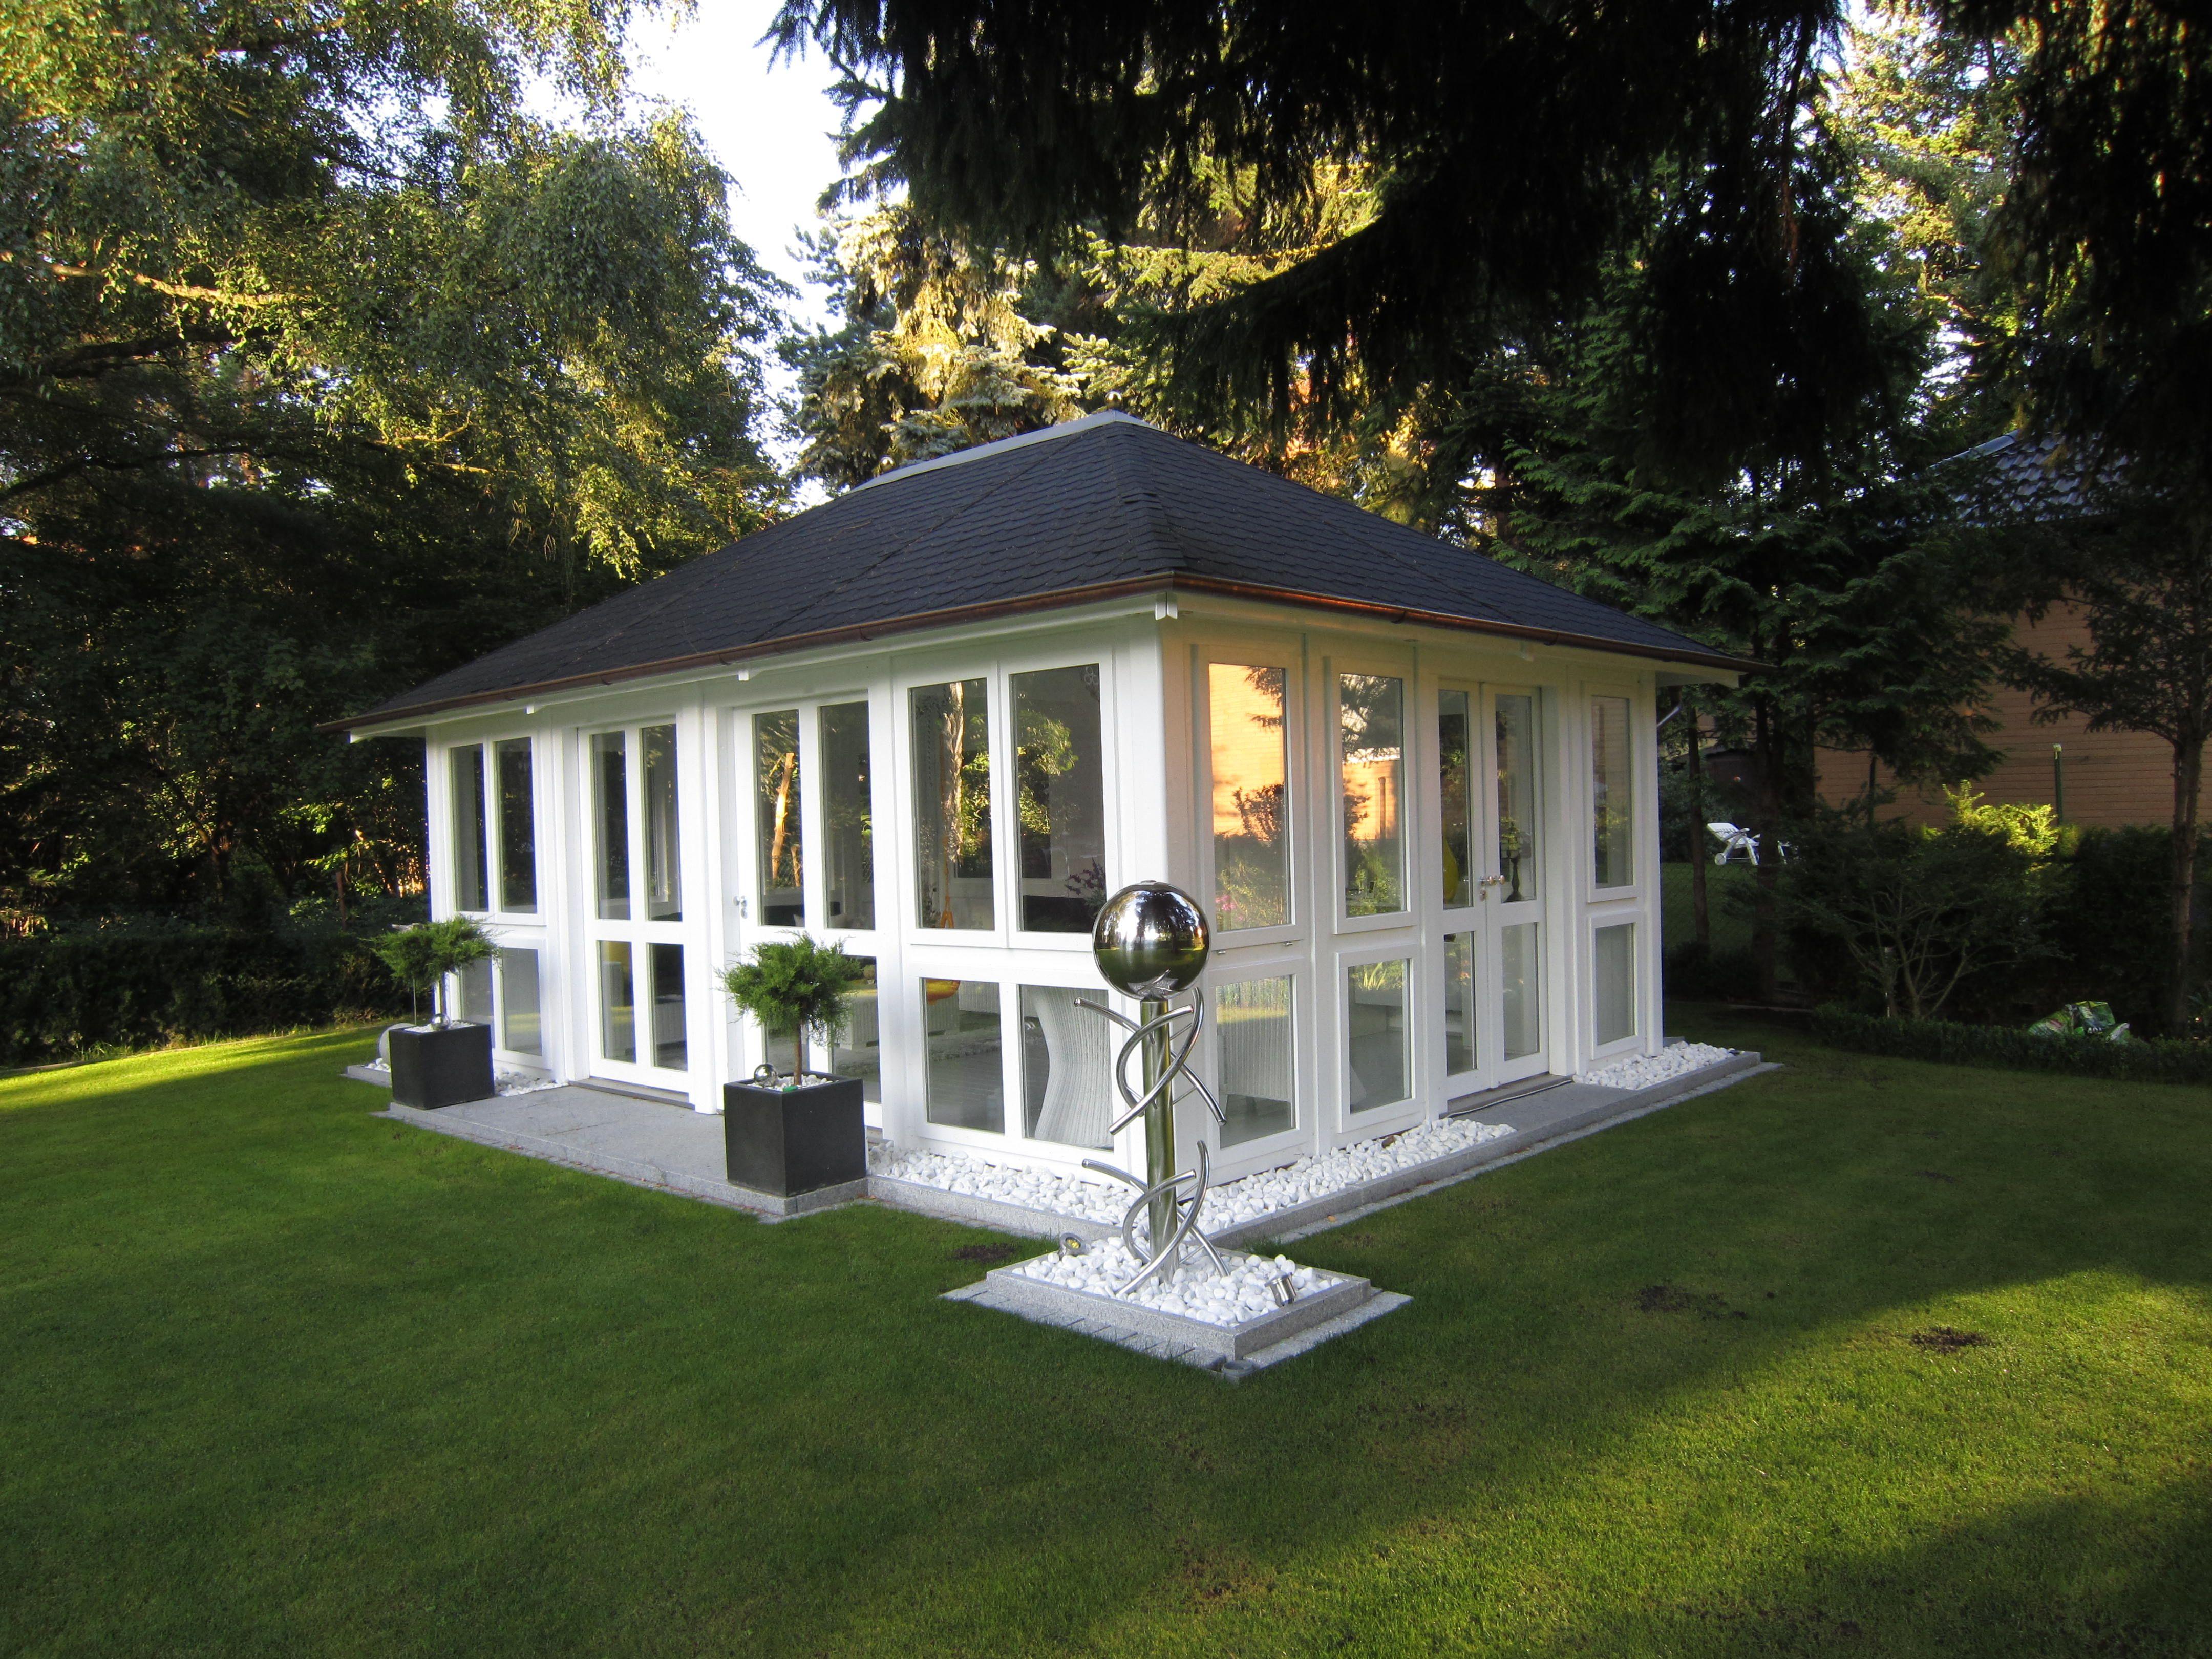 """Moderne Variante des Gartenstudios """"Chalet"""" mit viel Glas"""